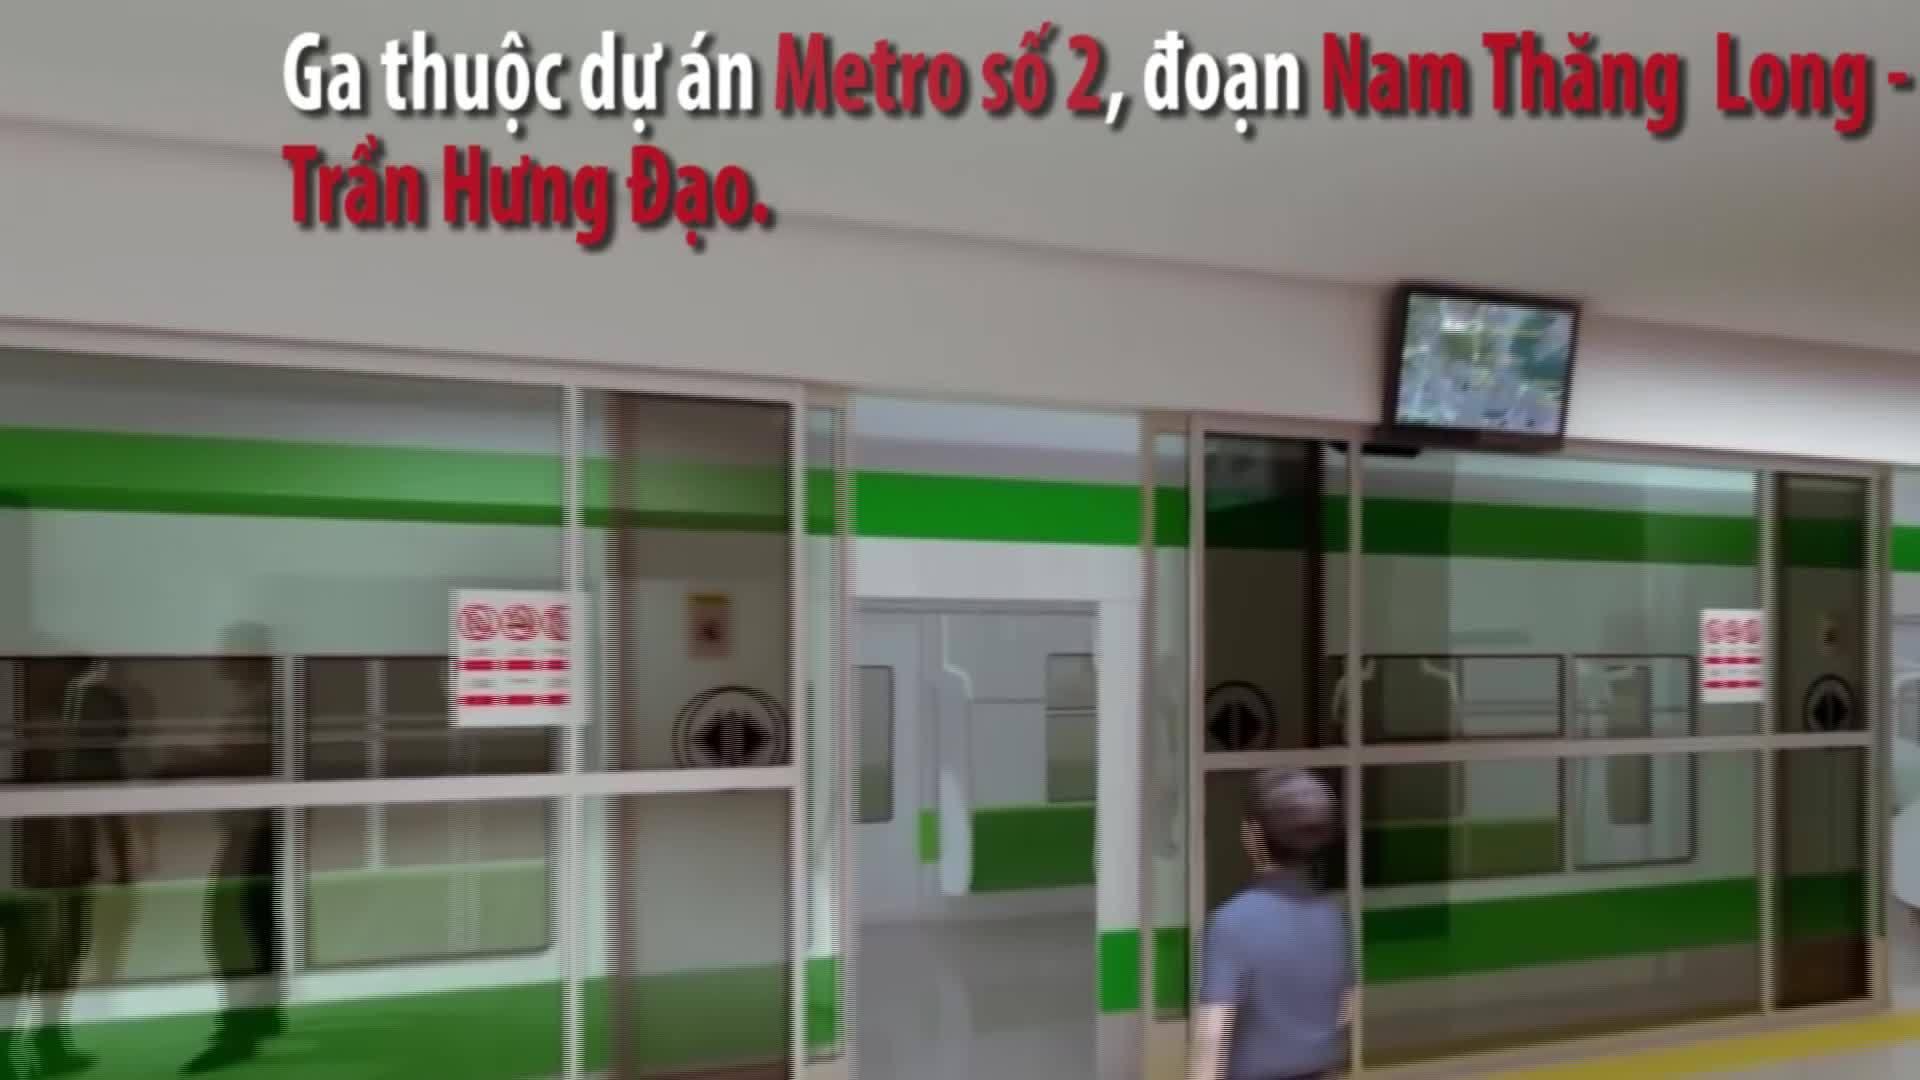 Ga ngầm tuyến Metro 1,5 tỷ USD cạnh hồ Gươm được thiết kế như thế nào?